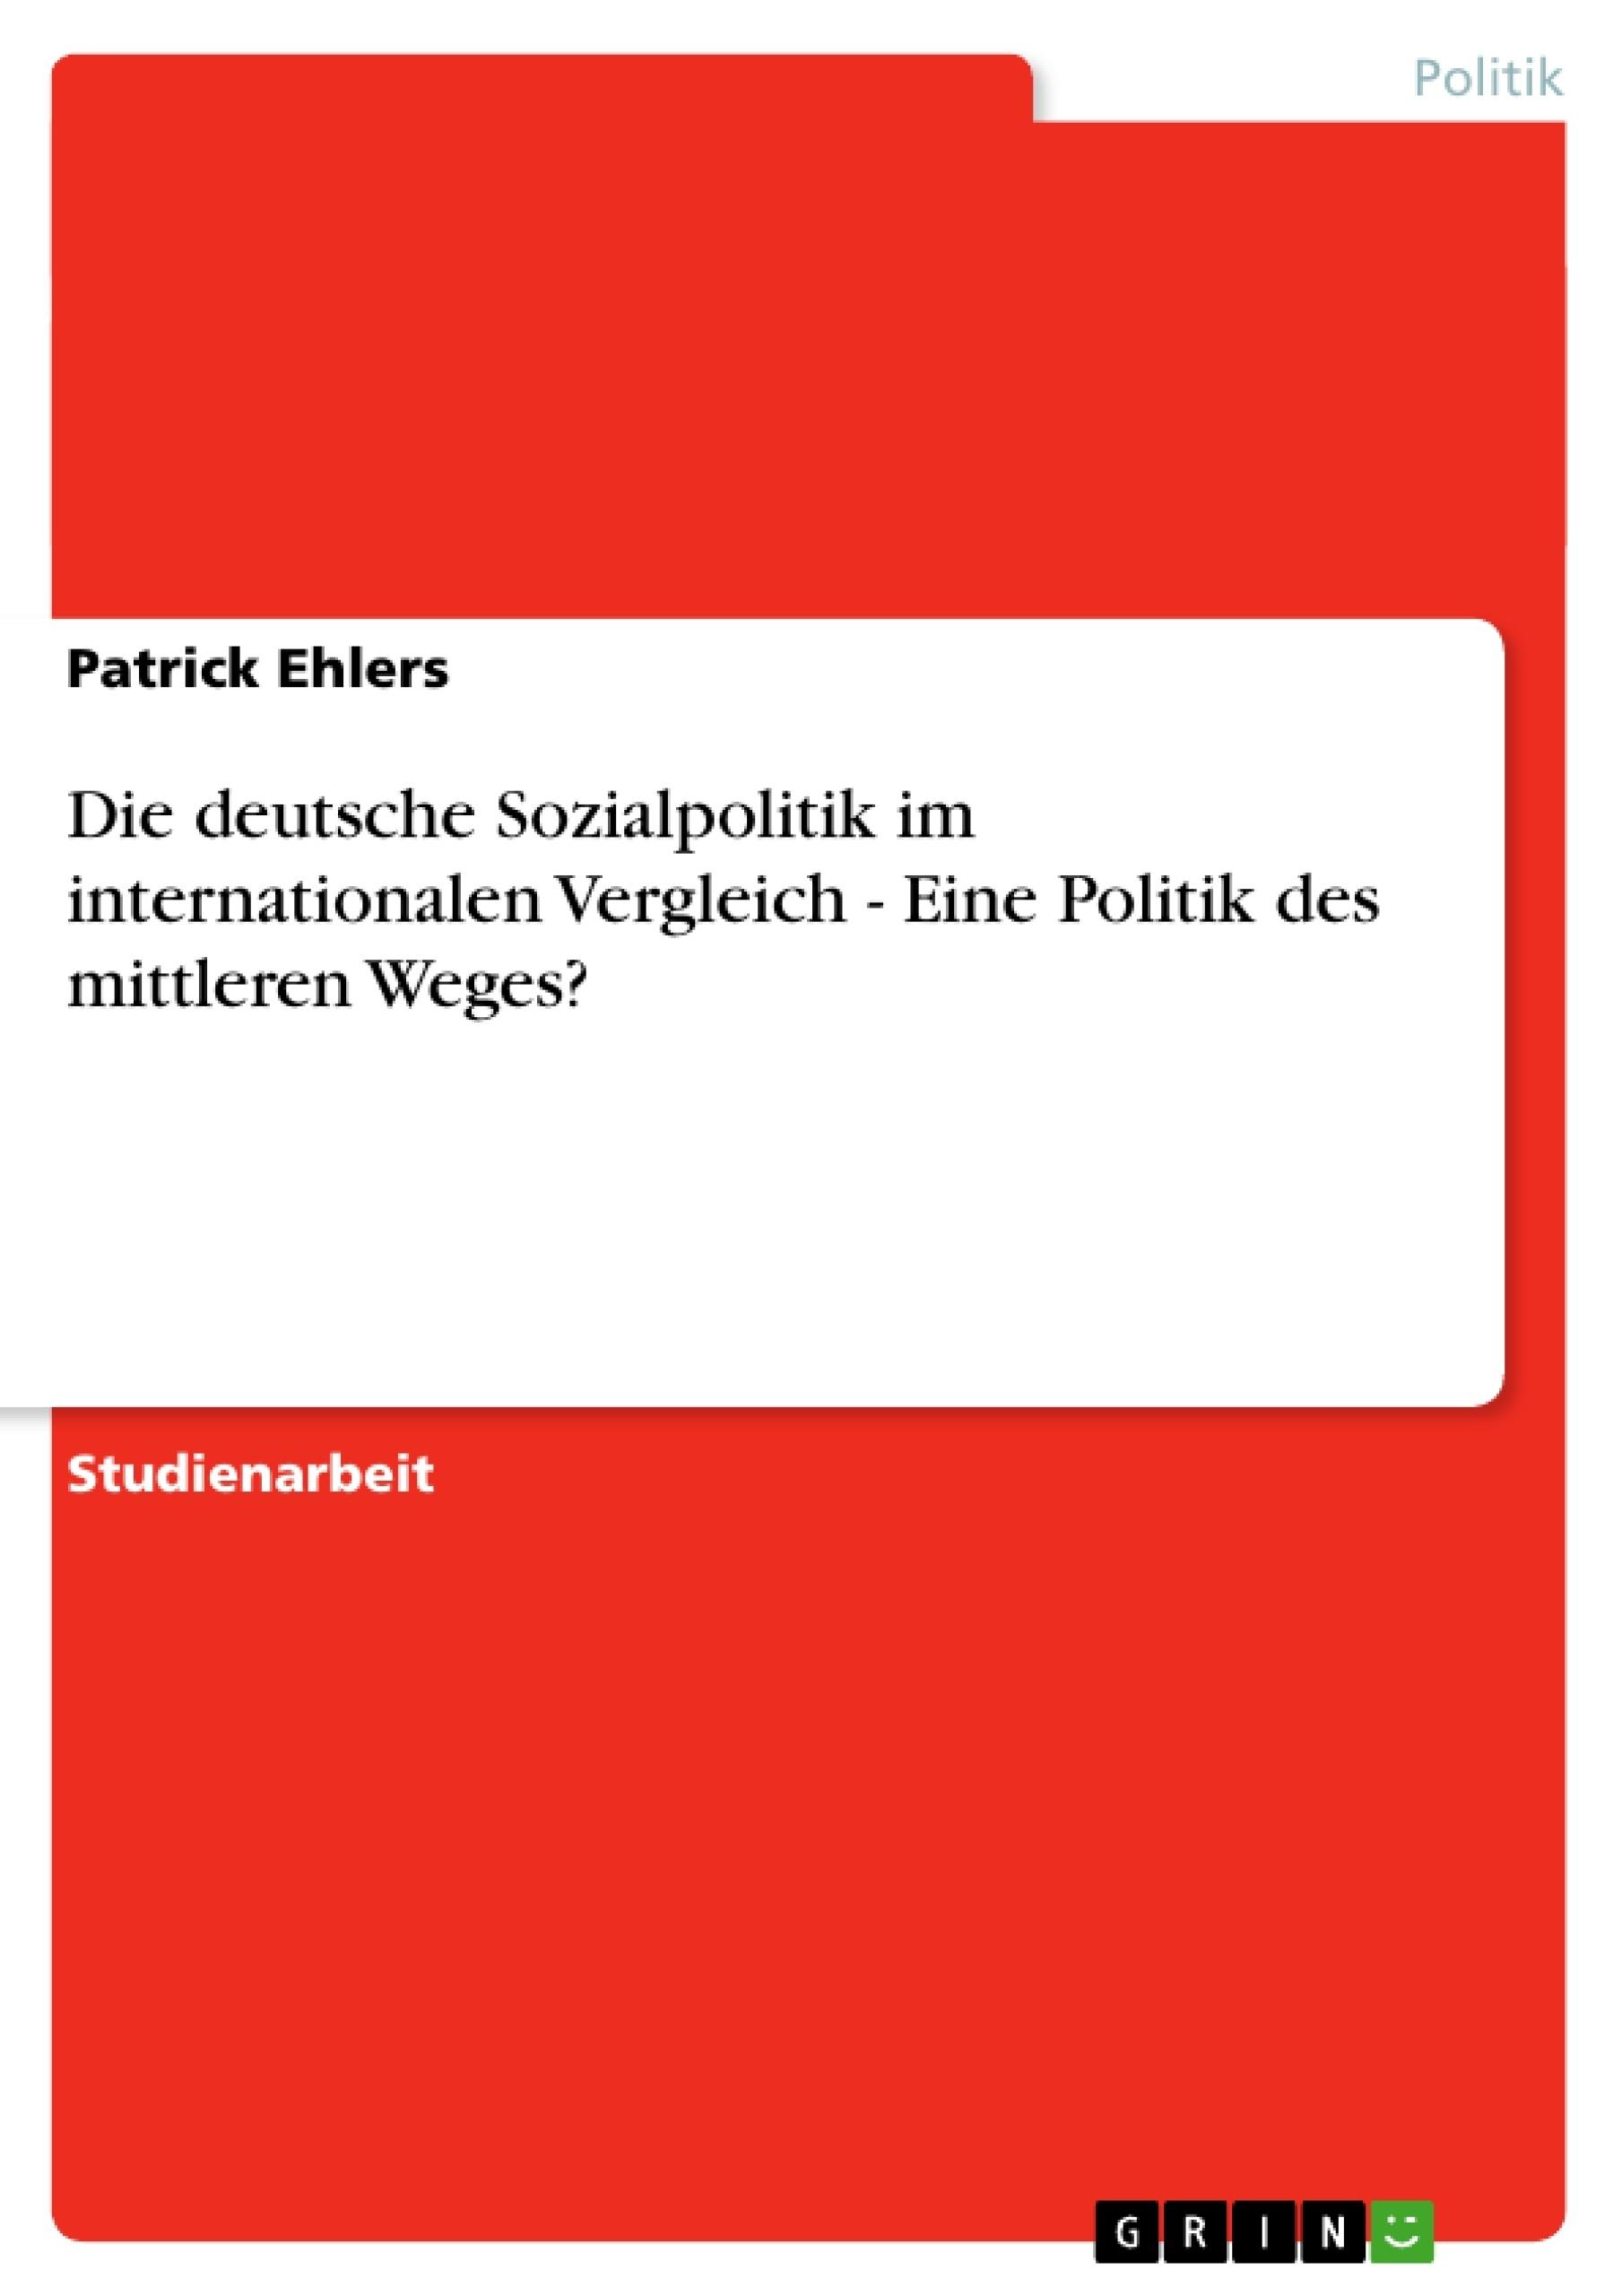 Titel: Die deutsche Sozialpolitik im internationalen Vergleich - Eine Politik des mittleren Weges?